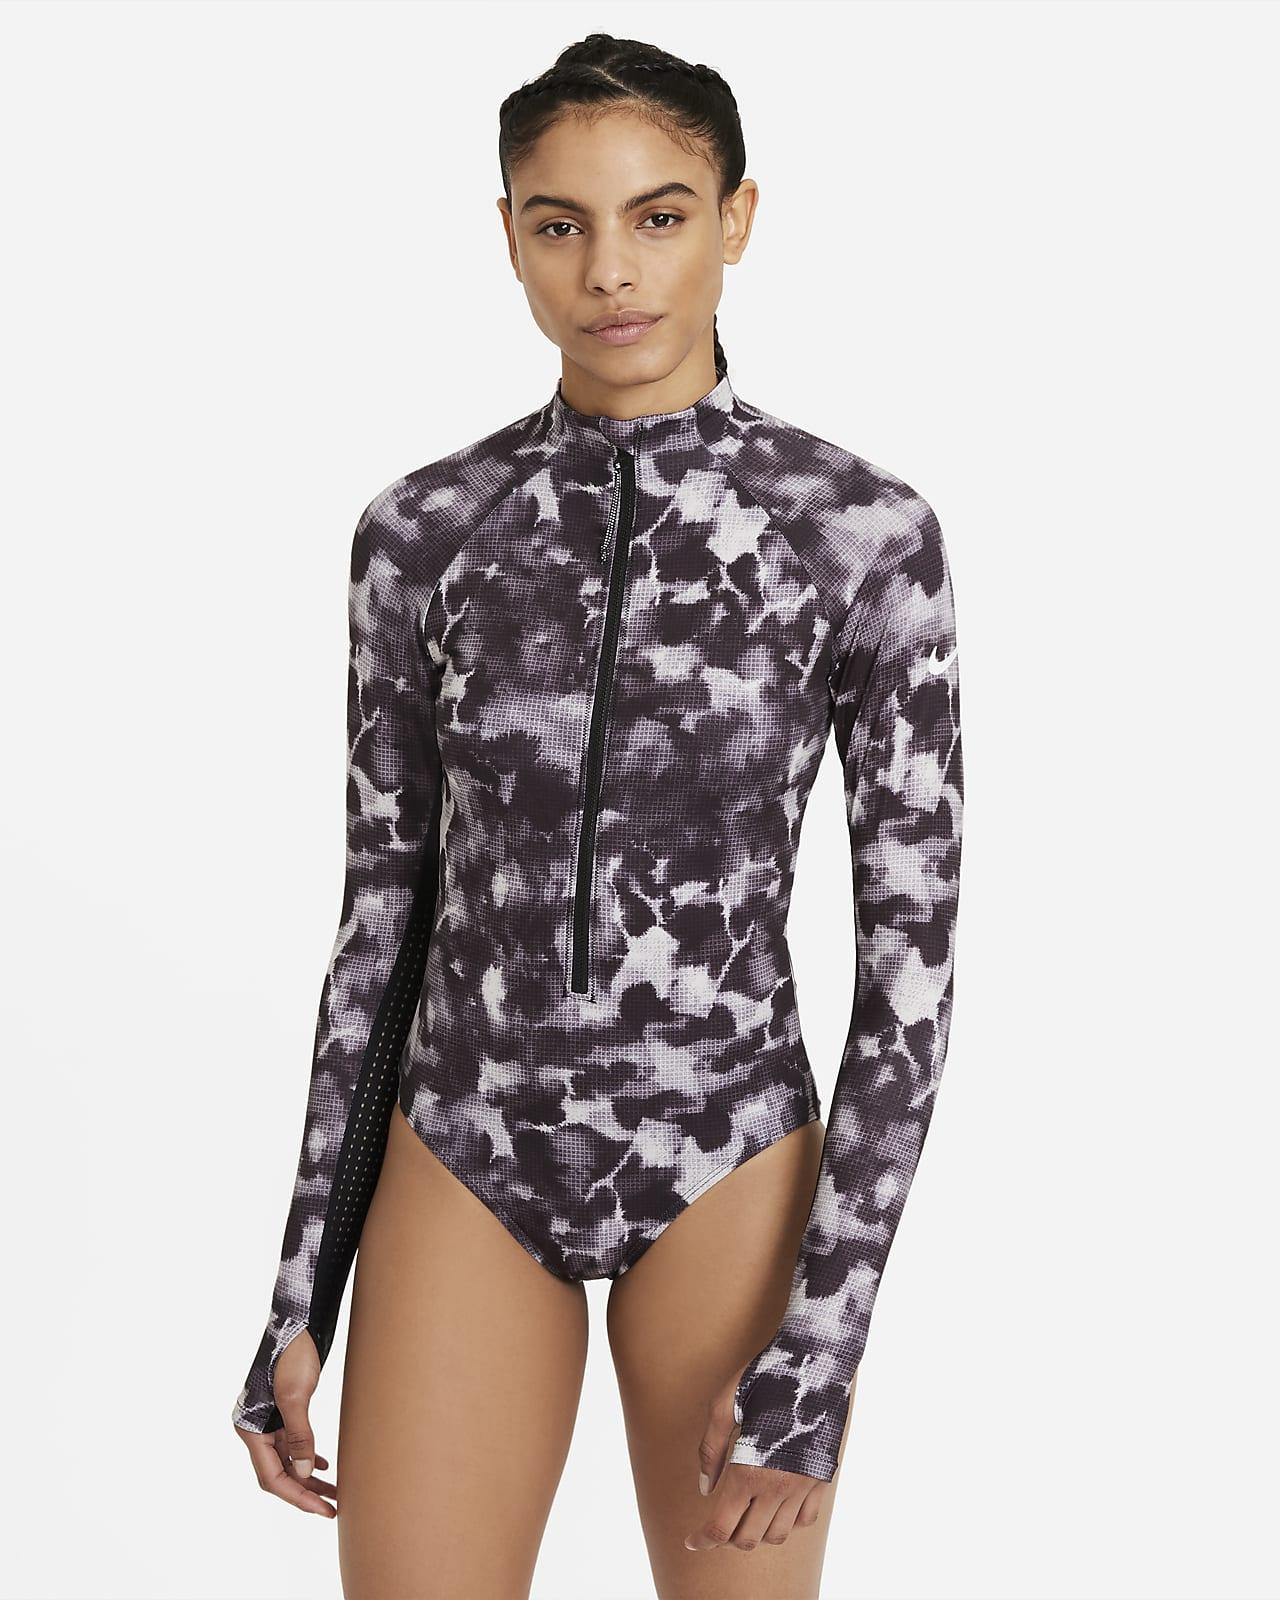 Nike Women's Long-Sleeve 1-Piece Swimsuit